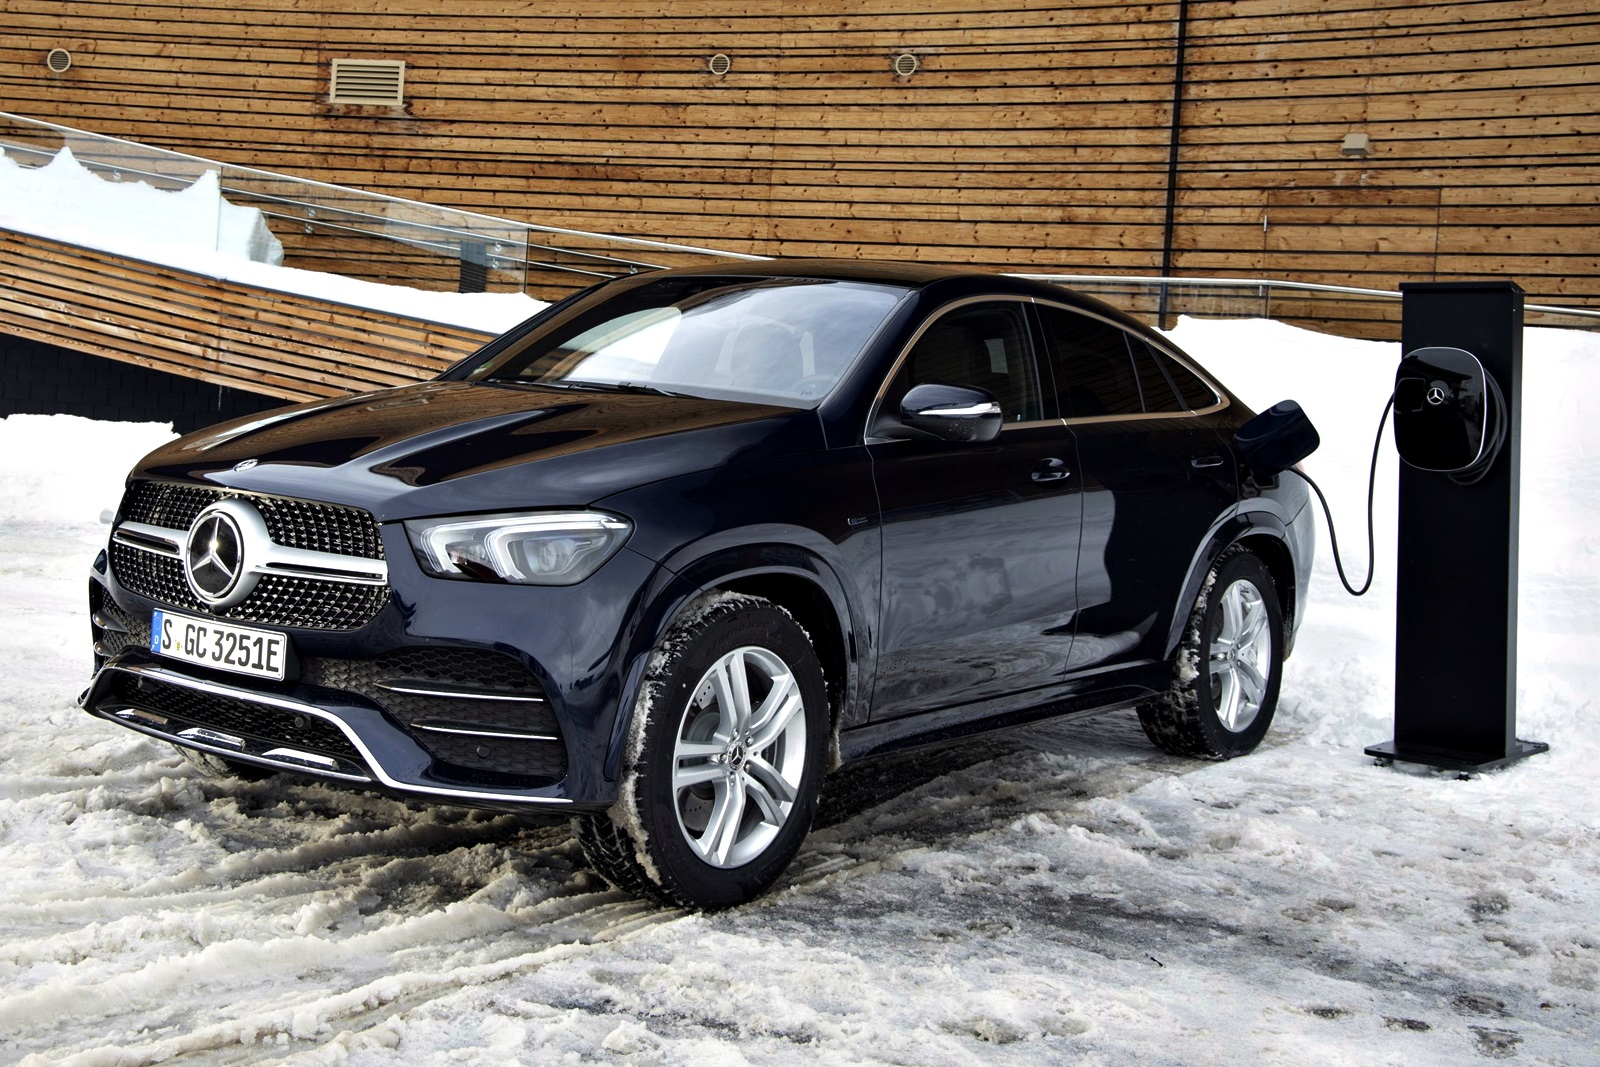 Precio Mercedes Benz Gle 350 E 4matic (1)